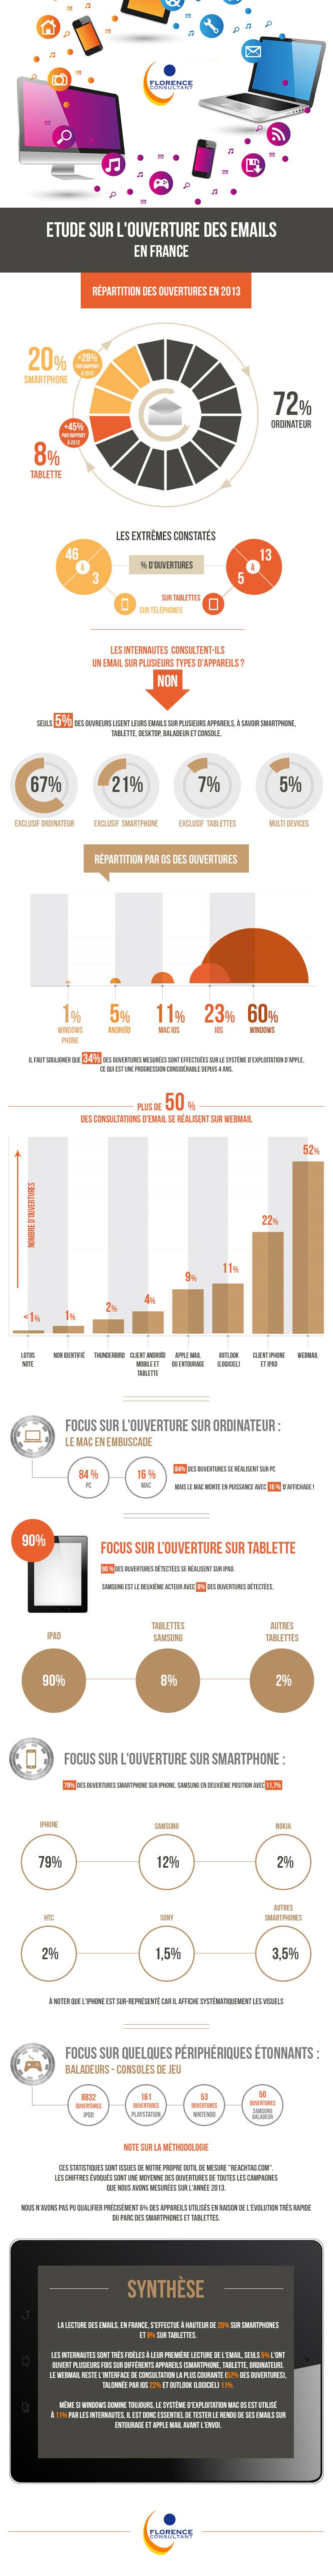 Infographie sur l'ouverture d'emails en France